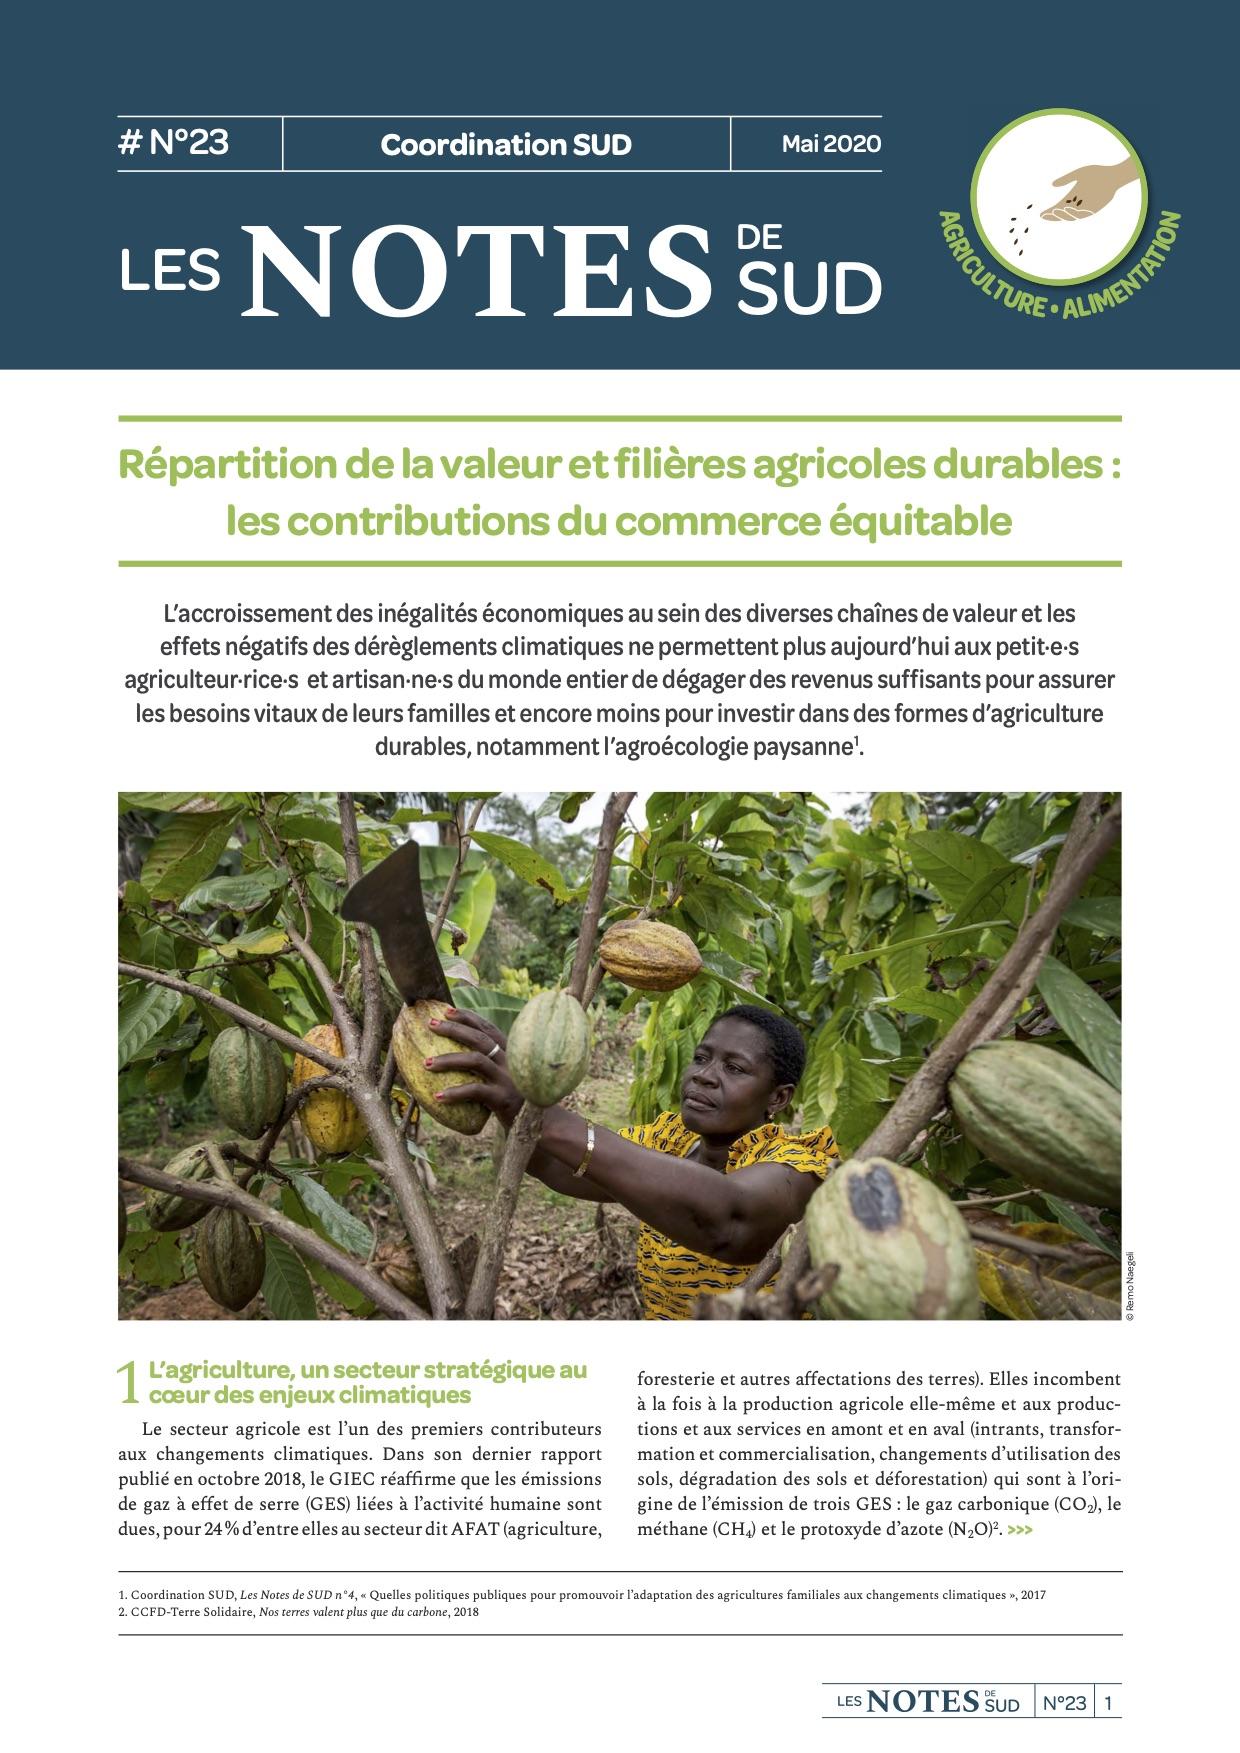 Répartition de la valeur et filières agricoles durables : les contributions du commerce équitable (Les notes de SUD n°23) Image principale